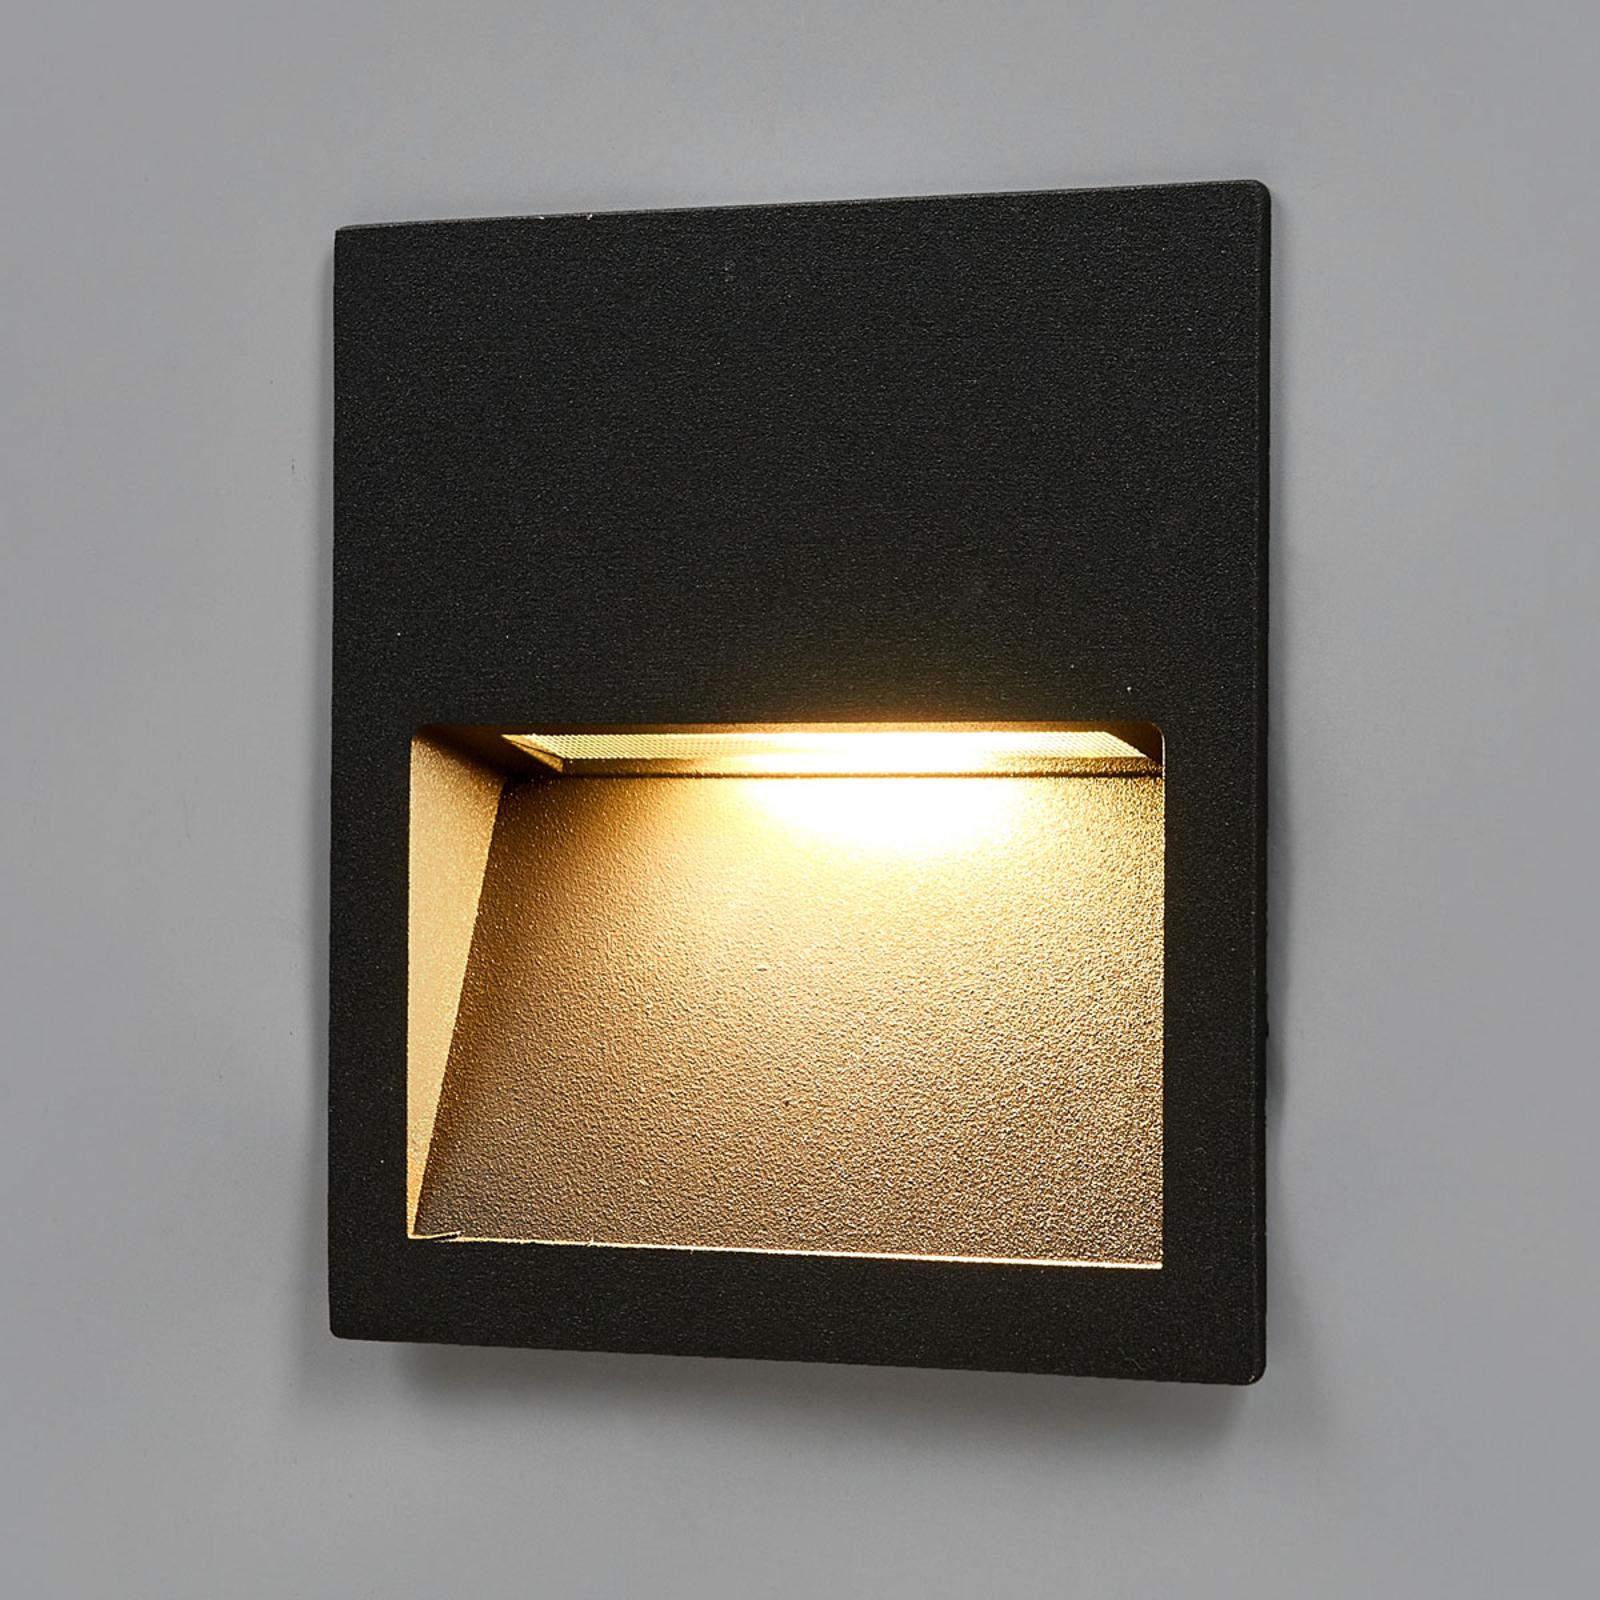 Kvadratisk LED-væglampe Loya, indbygning udendørs